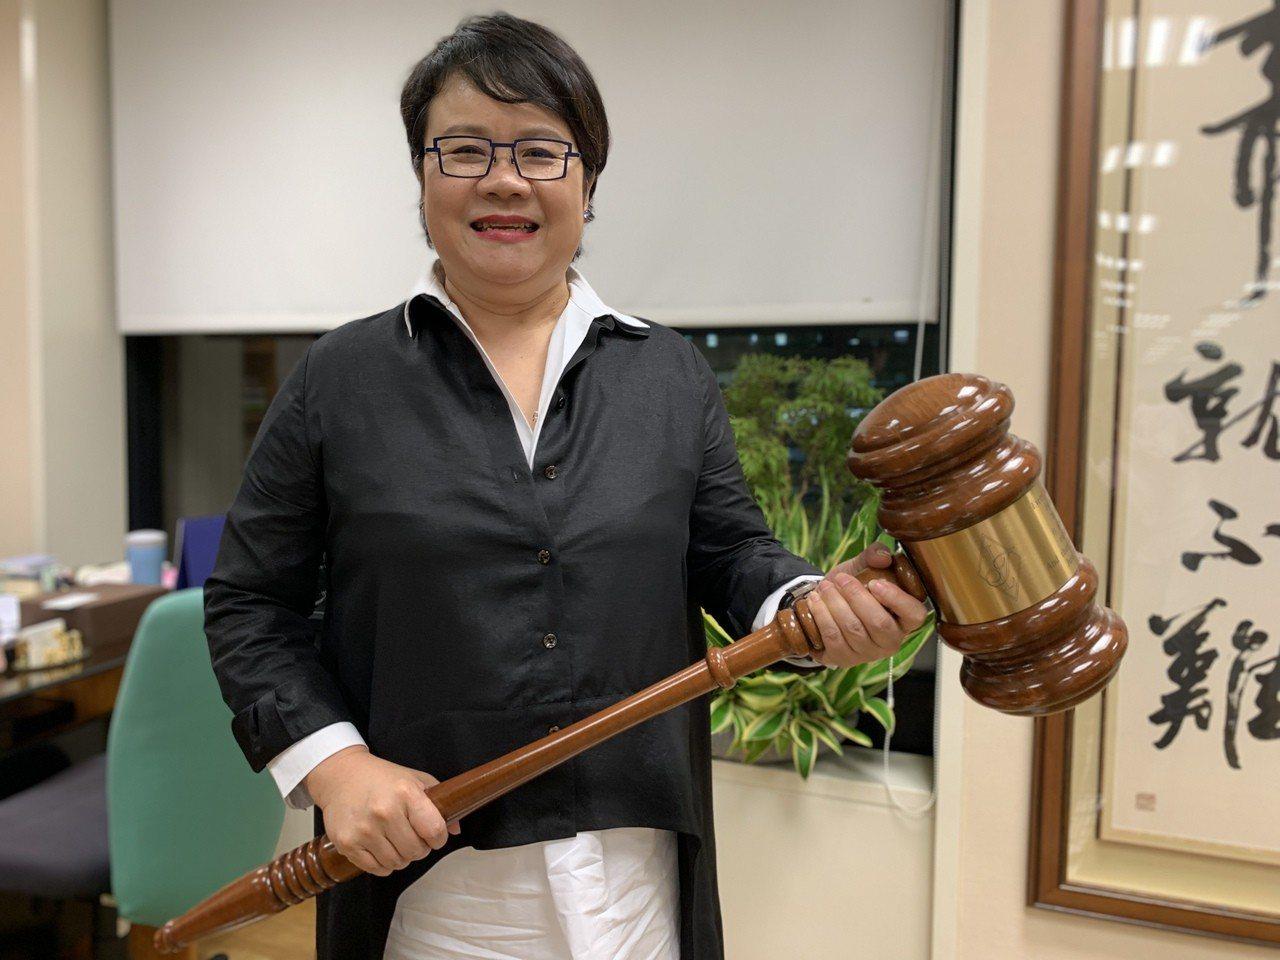 曾任法官的蔡玉玲,辦公室內有一支大大的法槌。記者黃昭勇/攝影